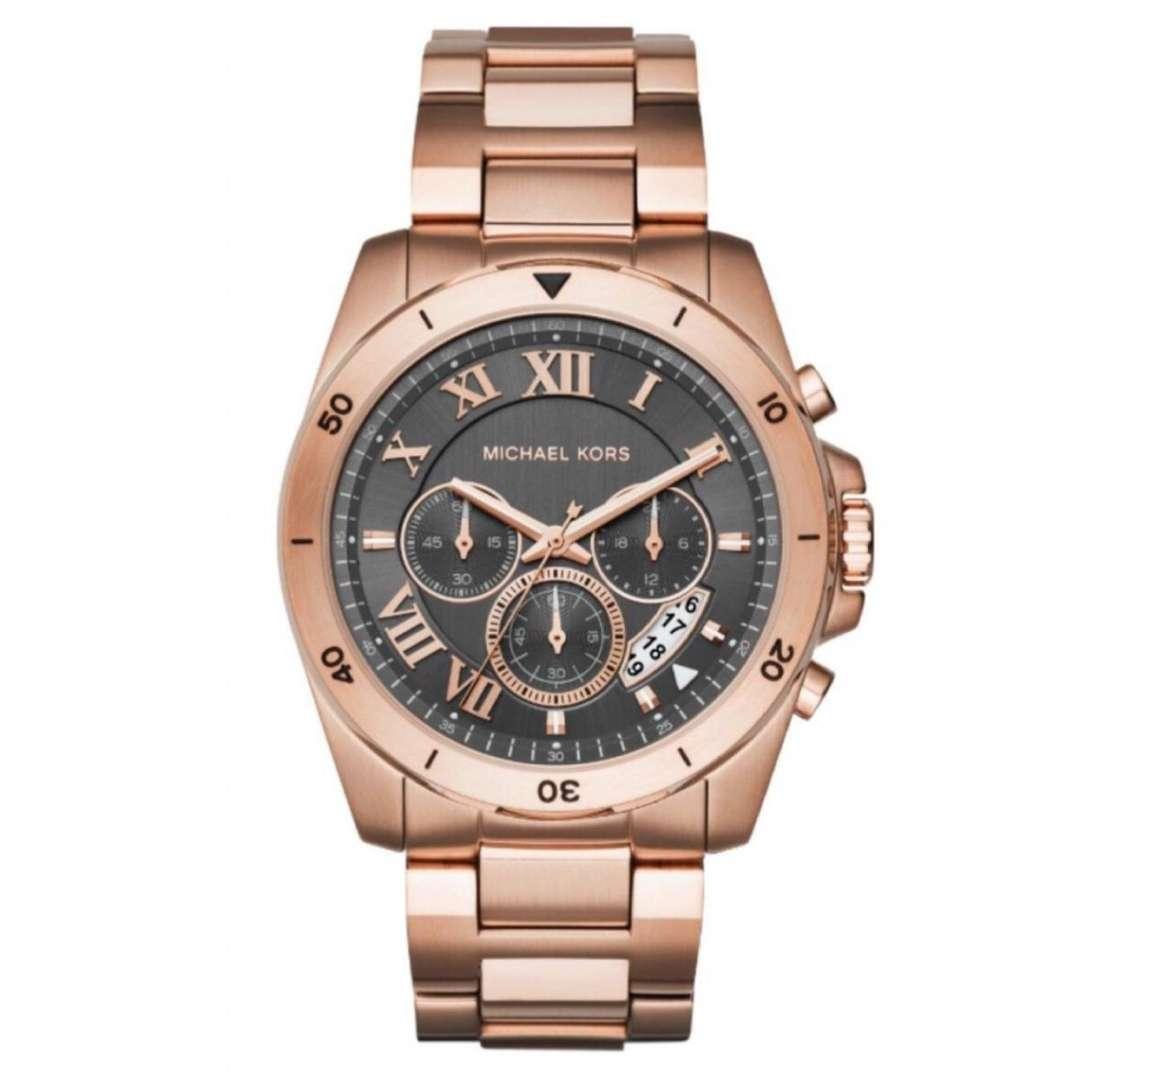 שעון יד אנלוגי לגבר michael kors mk8563 מייקל קורס